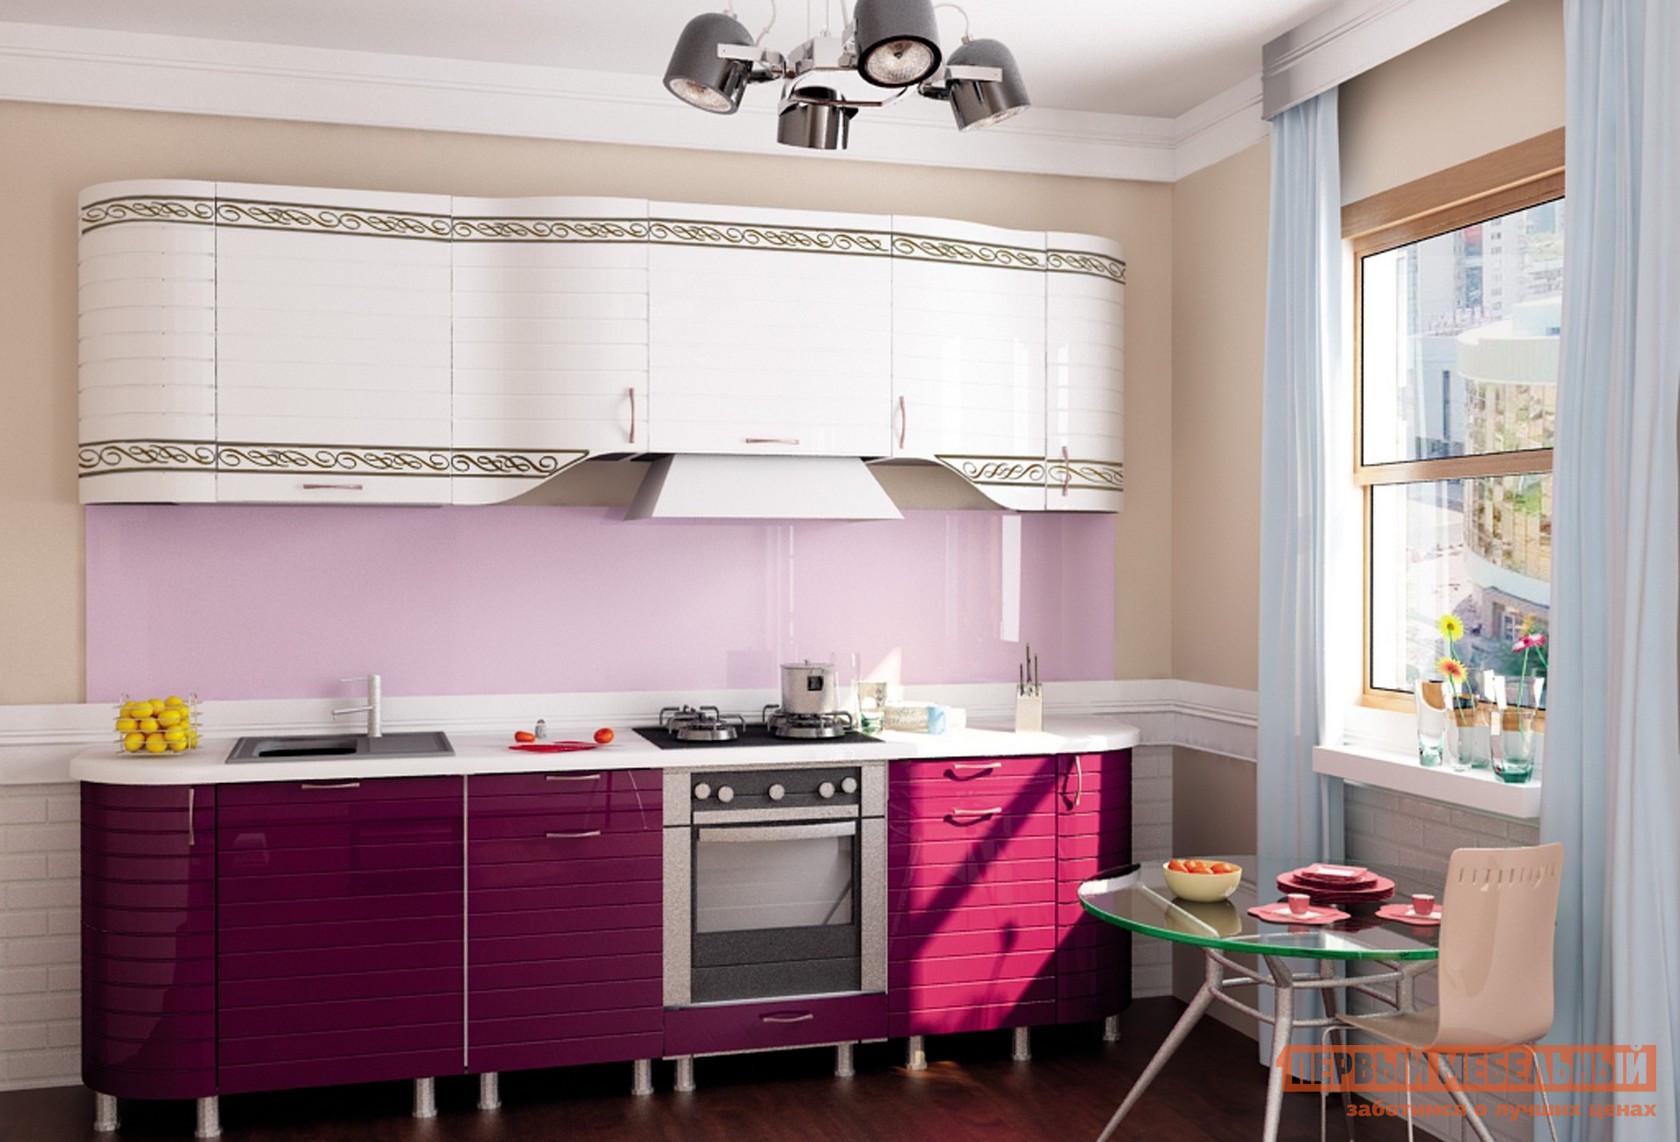 Кухонный гарнитур Любимый дом Анастасия 270 см любимый дом кухонный гарнитур анастасия